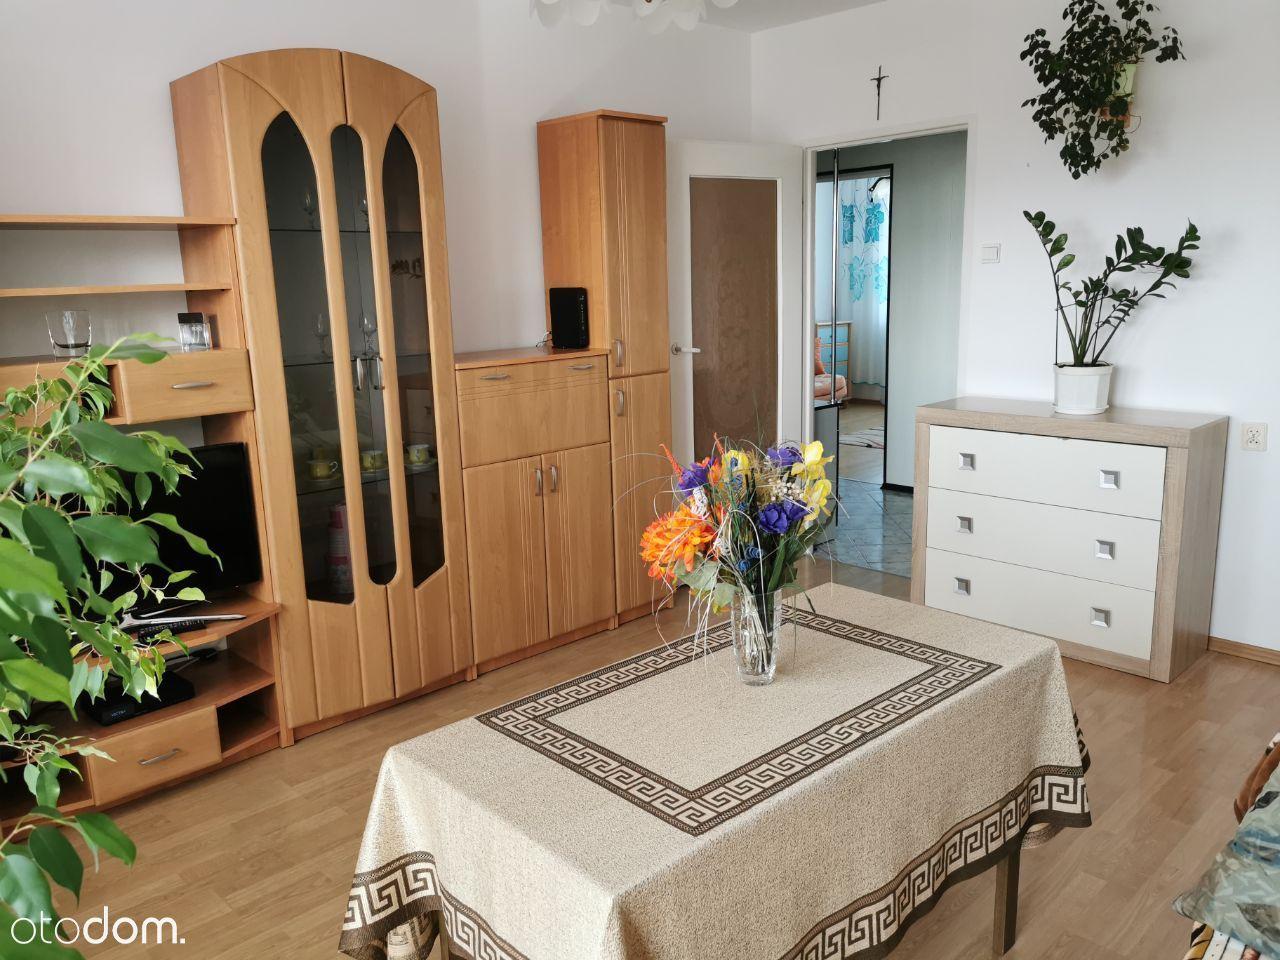 Mieszkanie 3 pokojowe, 53m, ul. B. Chrobrego